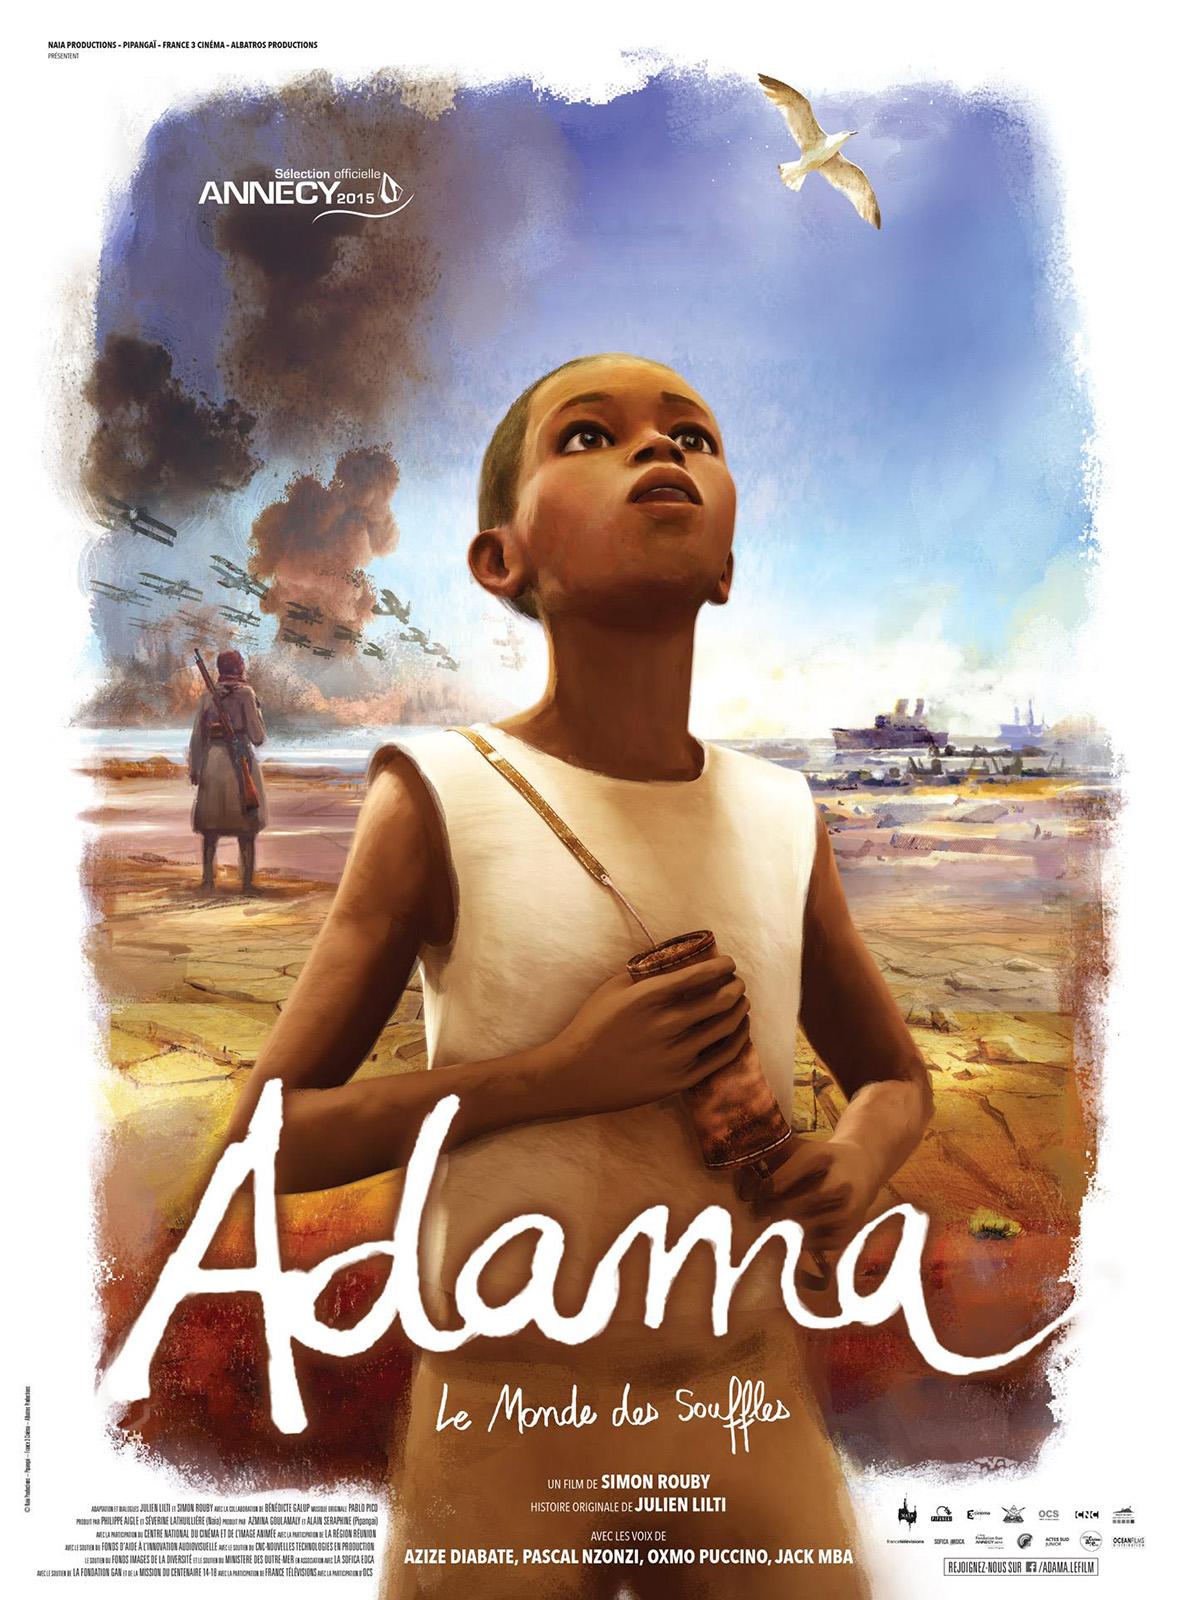 Film d'animation - Genres de films - Cin Adosfr